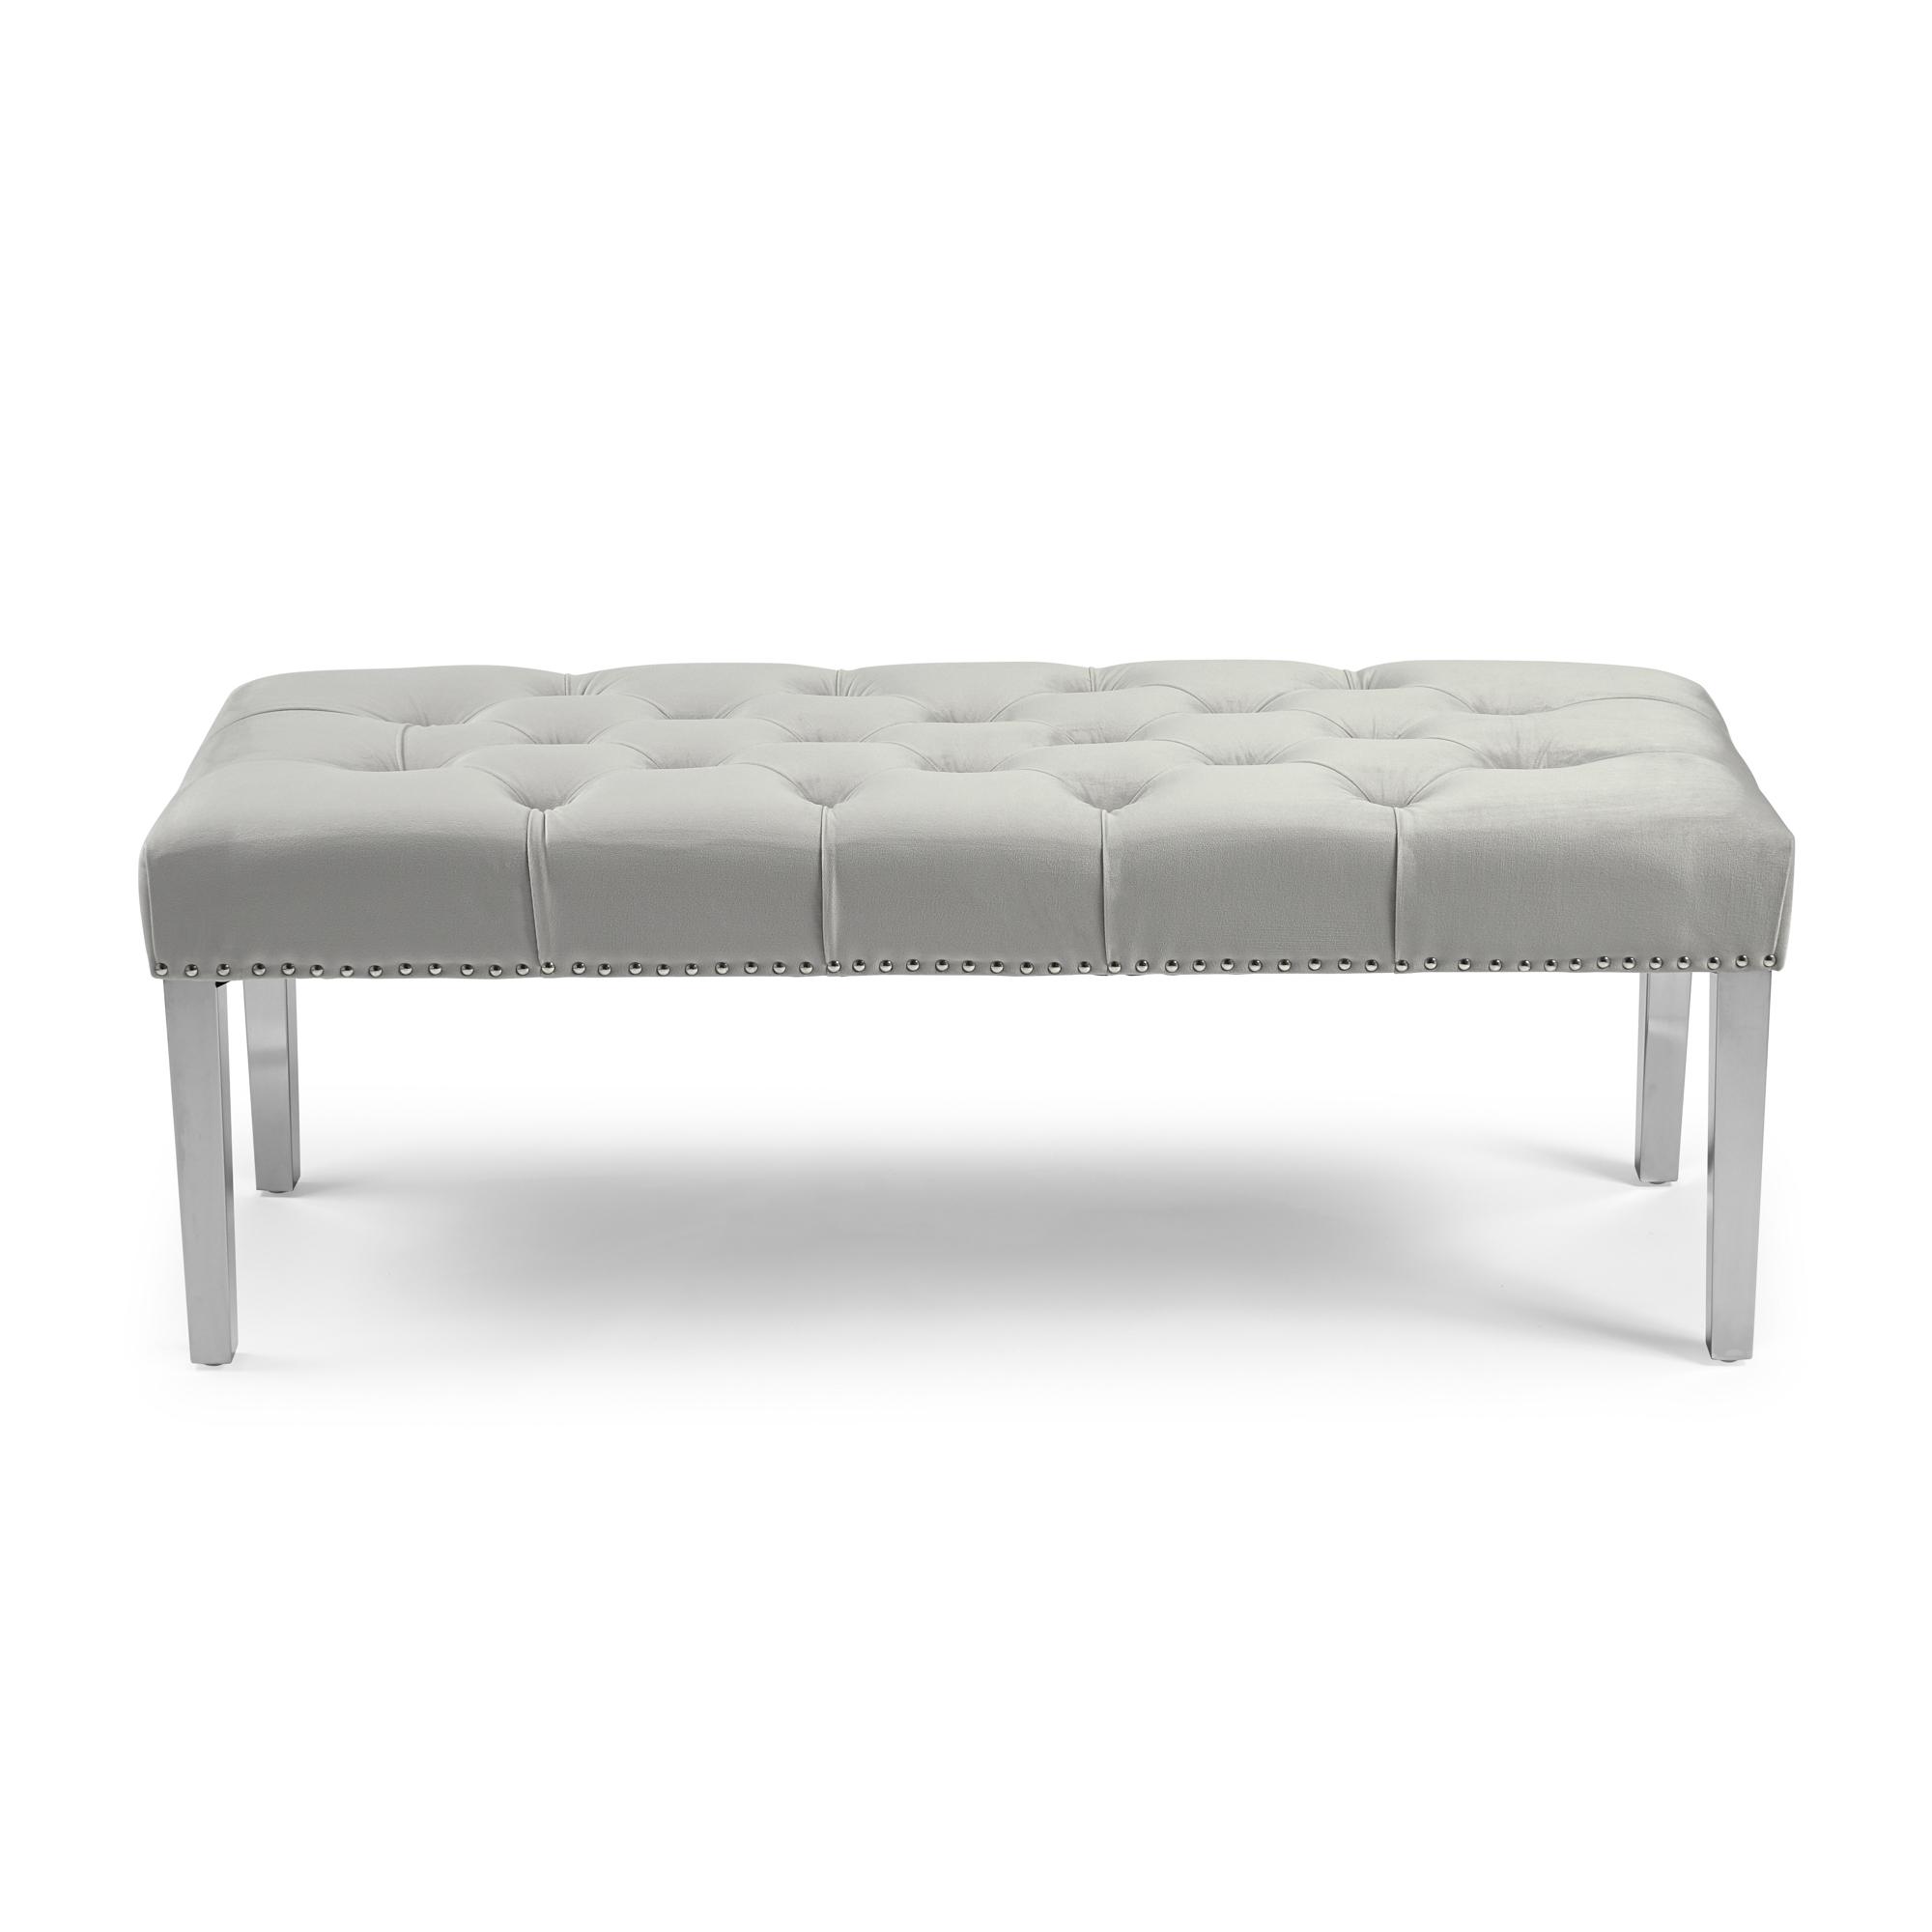 Richmond Upholstered Dove Grey Brushed Velvet Dining Bench – Steel Legs